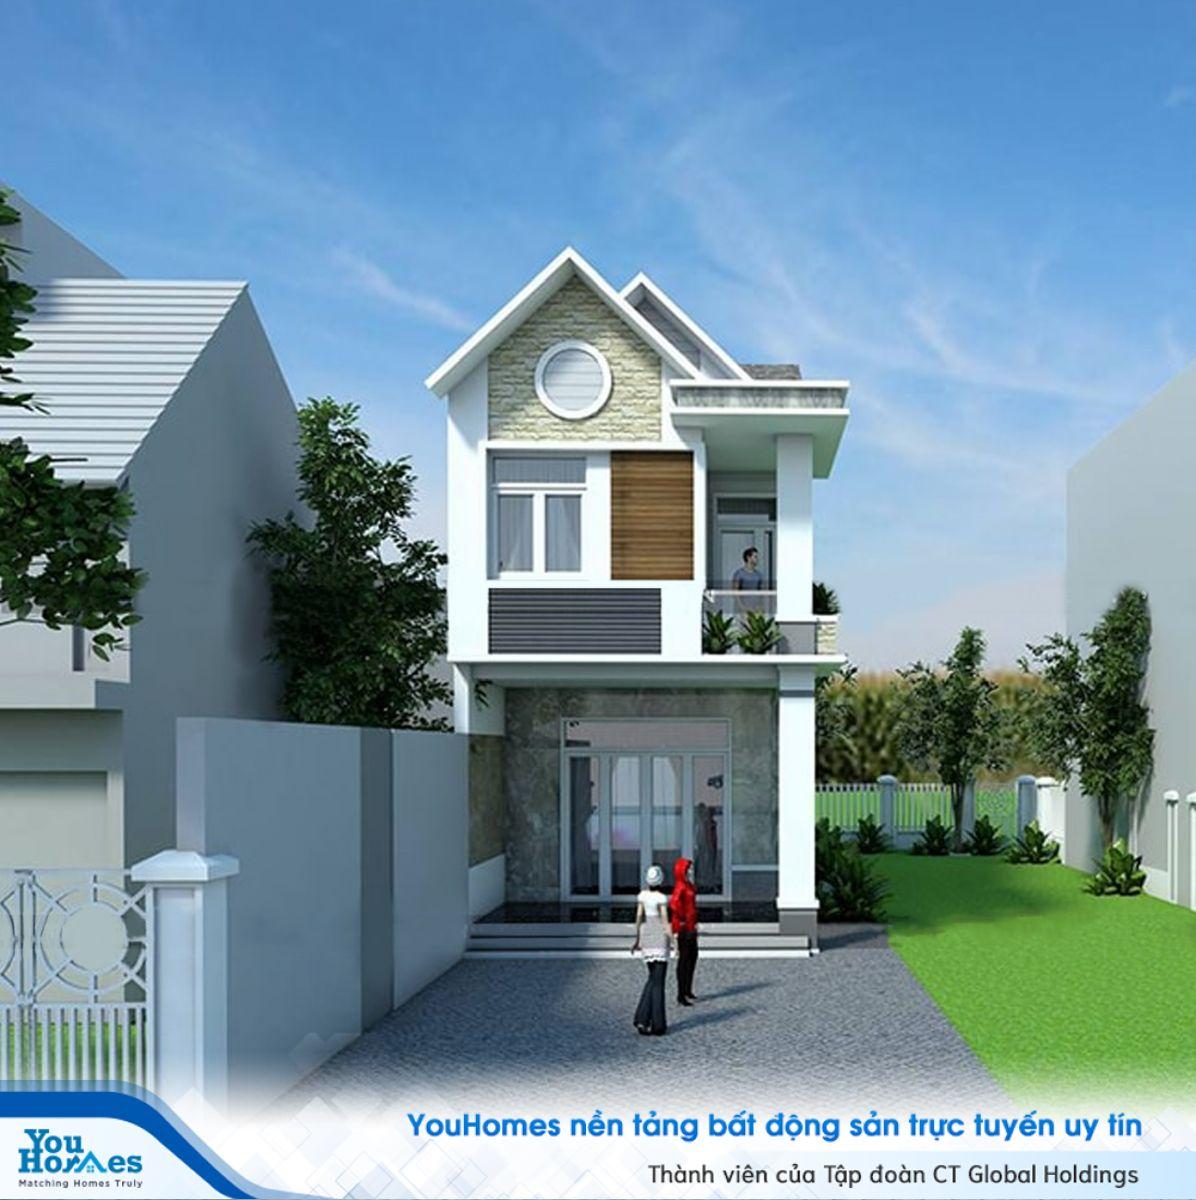 Phần ban công nhỏ xinh tạo nên điểm nhấn thú vị cho nhà 2 tầng hiện đại với giá dưới 700 triệu.